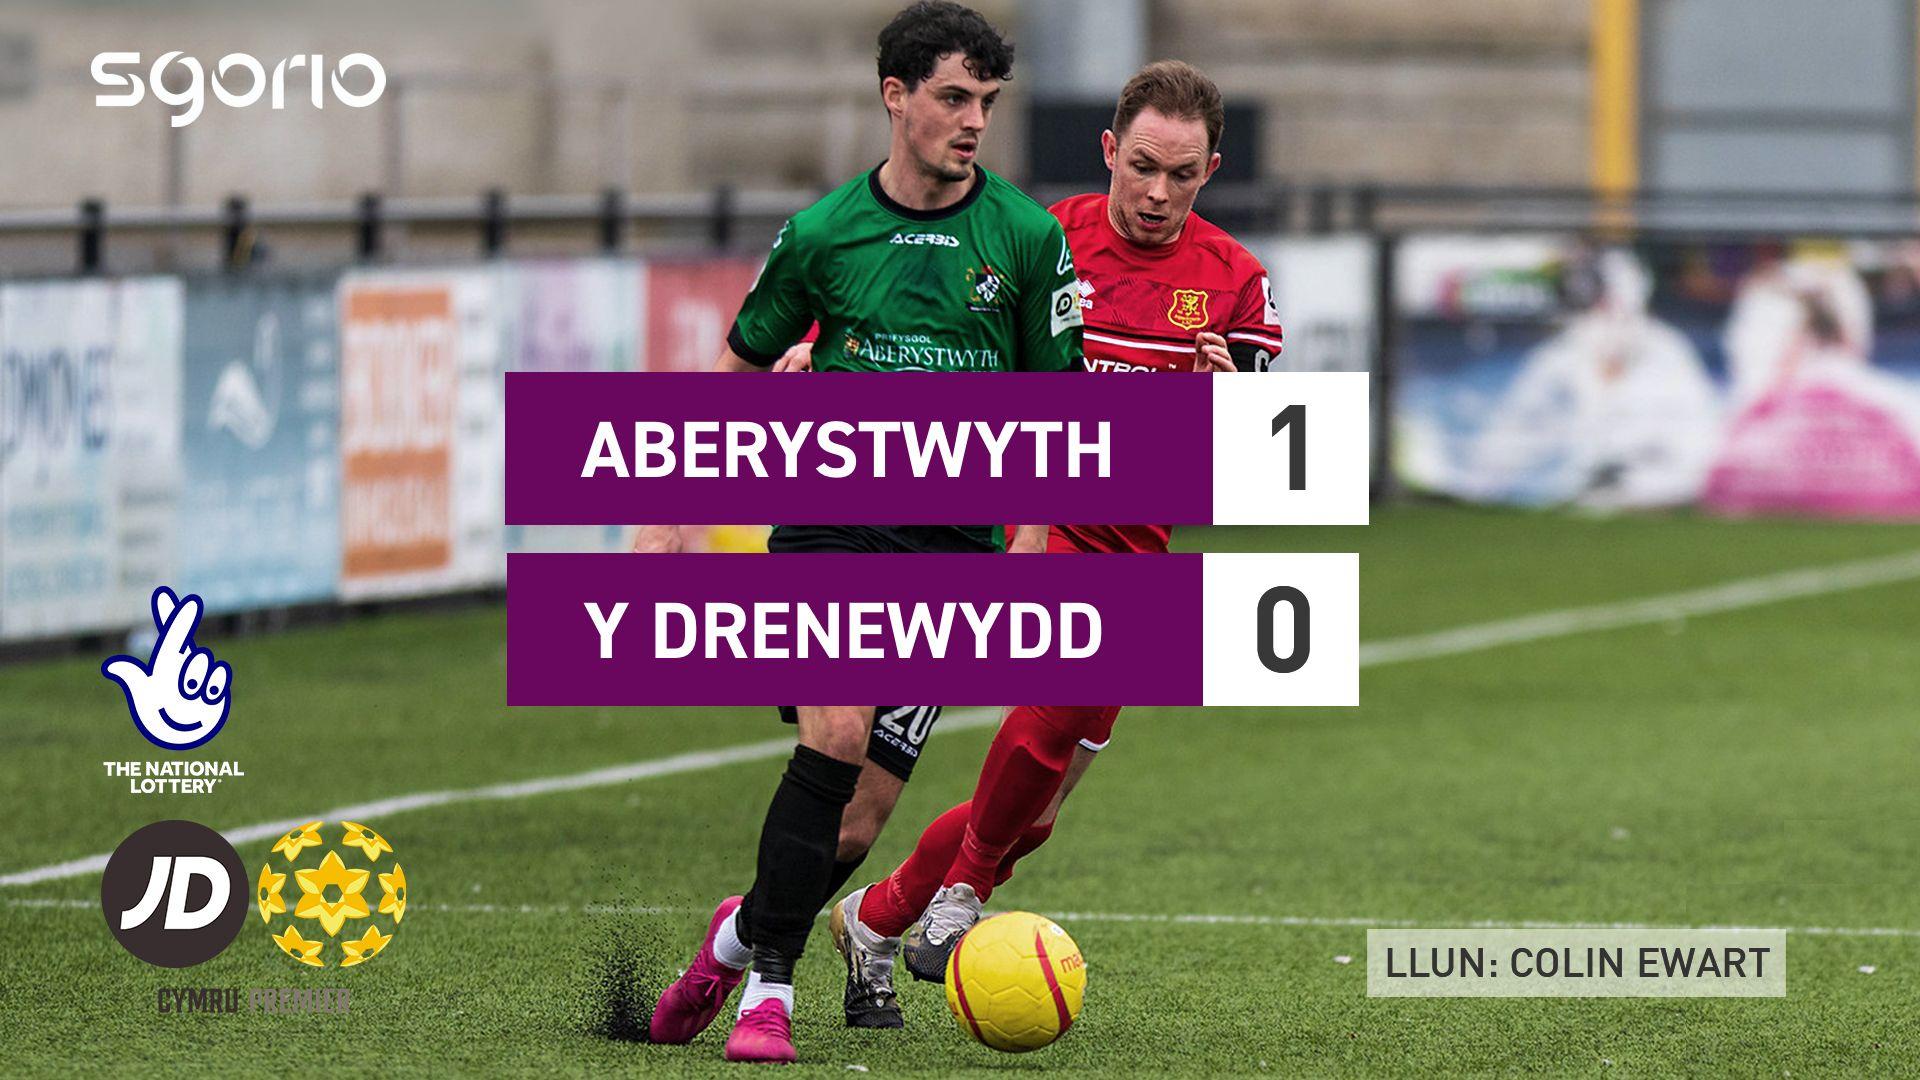 Aberystwyth 1-0 Y Drenewydd